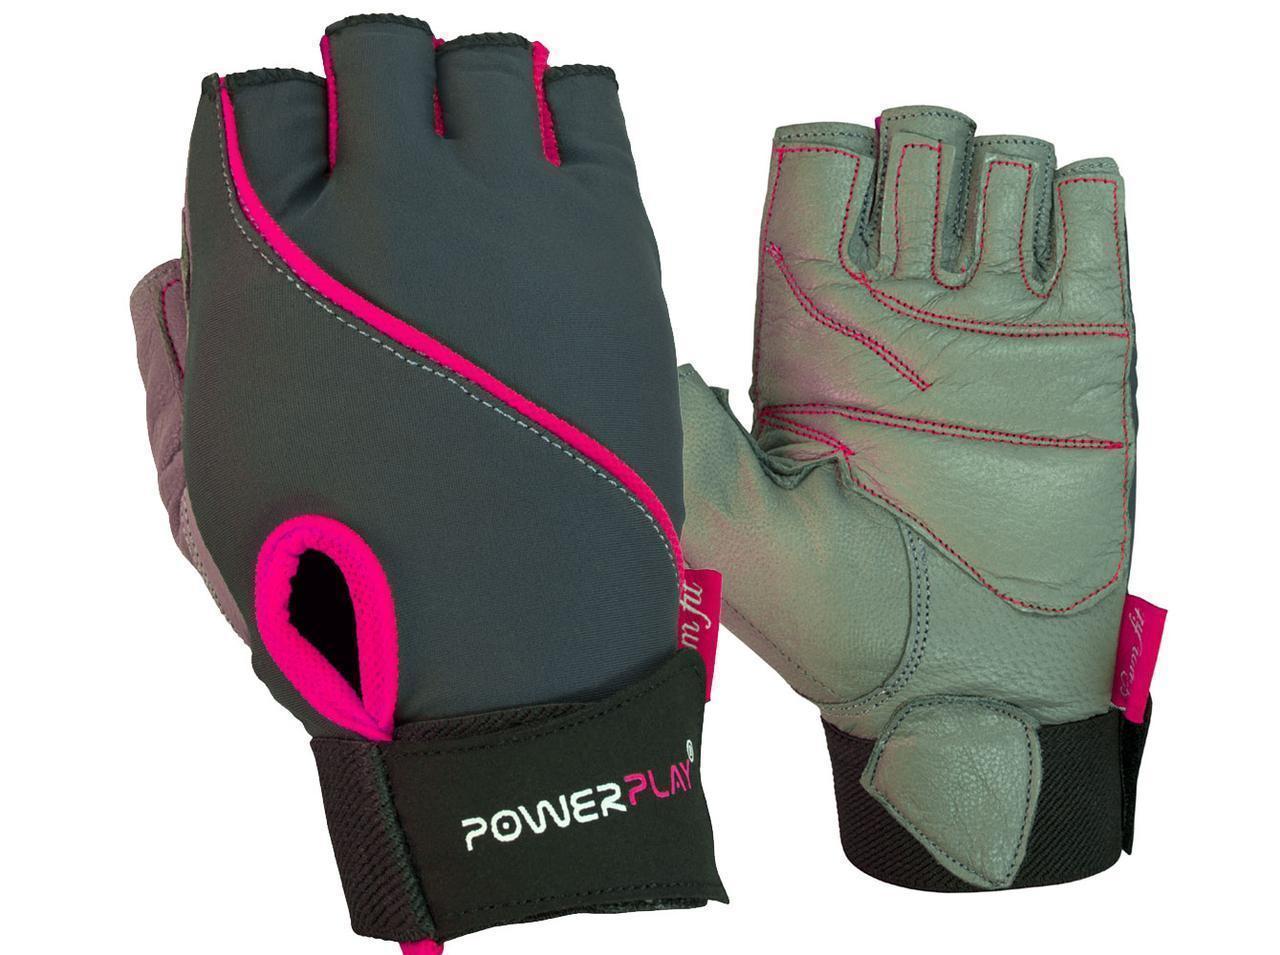 Рукавички для фітнесу PowerPlay 1725 жіночі Сіро-Розові XS